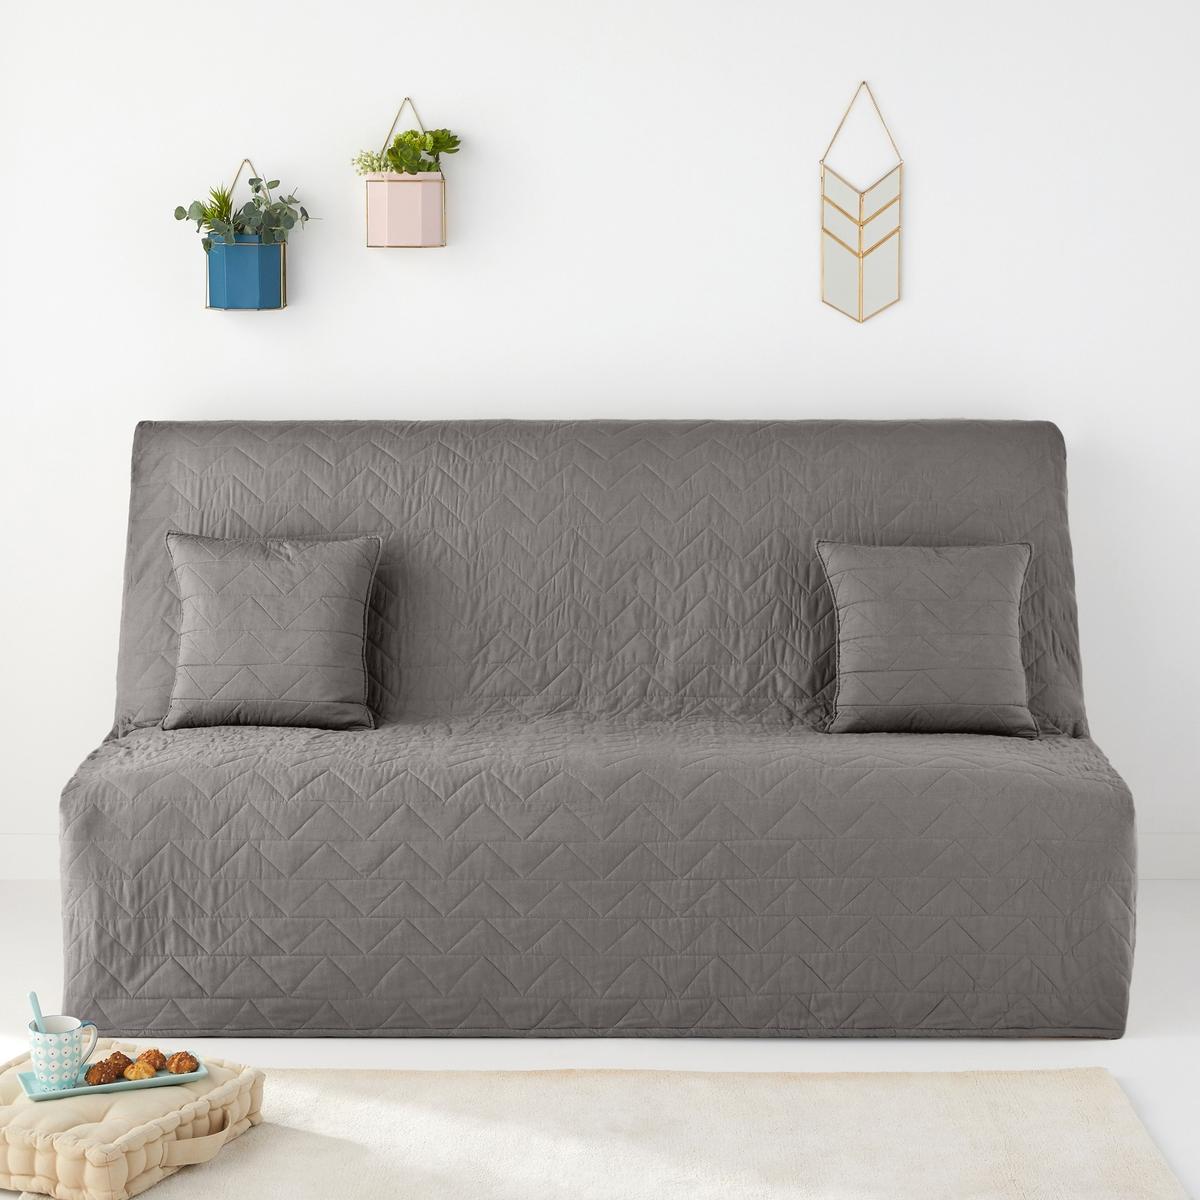 Чехол La Redoute Стеганый для раскладного дивана ZIGZAG SCENARIO единый размер серый чехол стеганый для раскладного дивана scénario